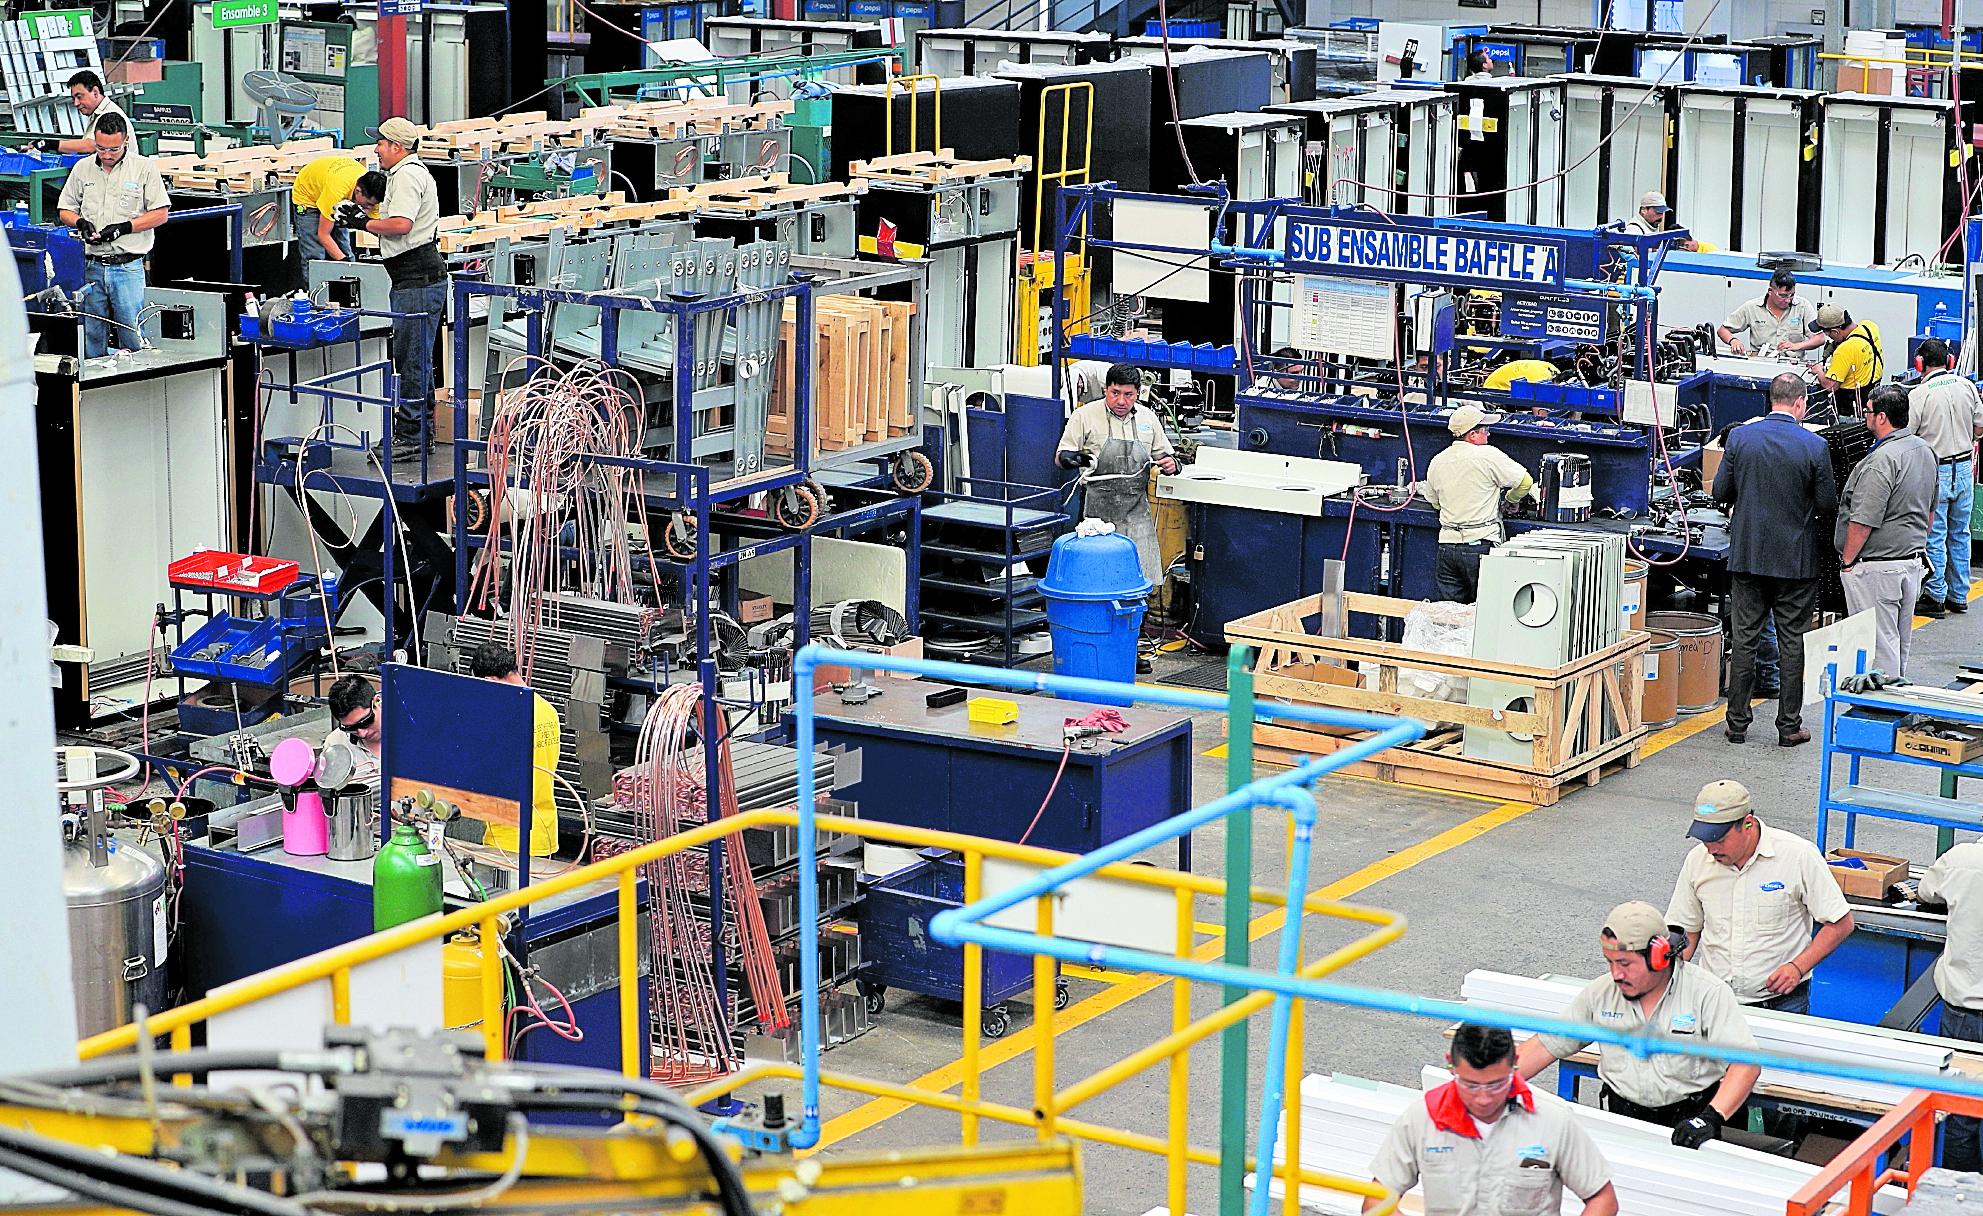 Empresarios industriales pidieron a las agrupaciones políticas progamas para reactivar la producción nacional. (Foto Prensa Libre: Hemeroteca)